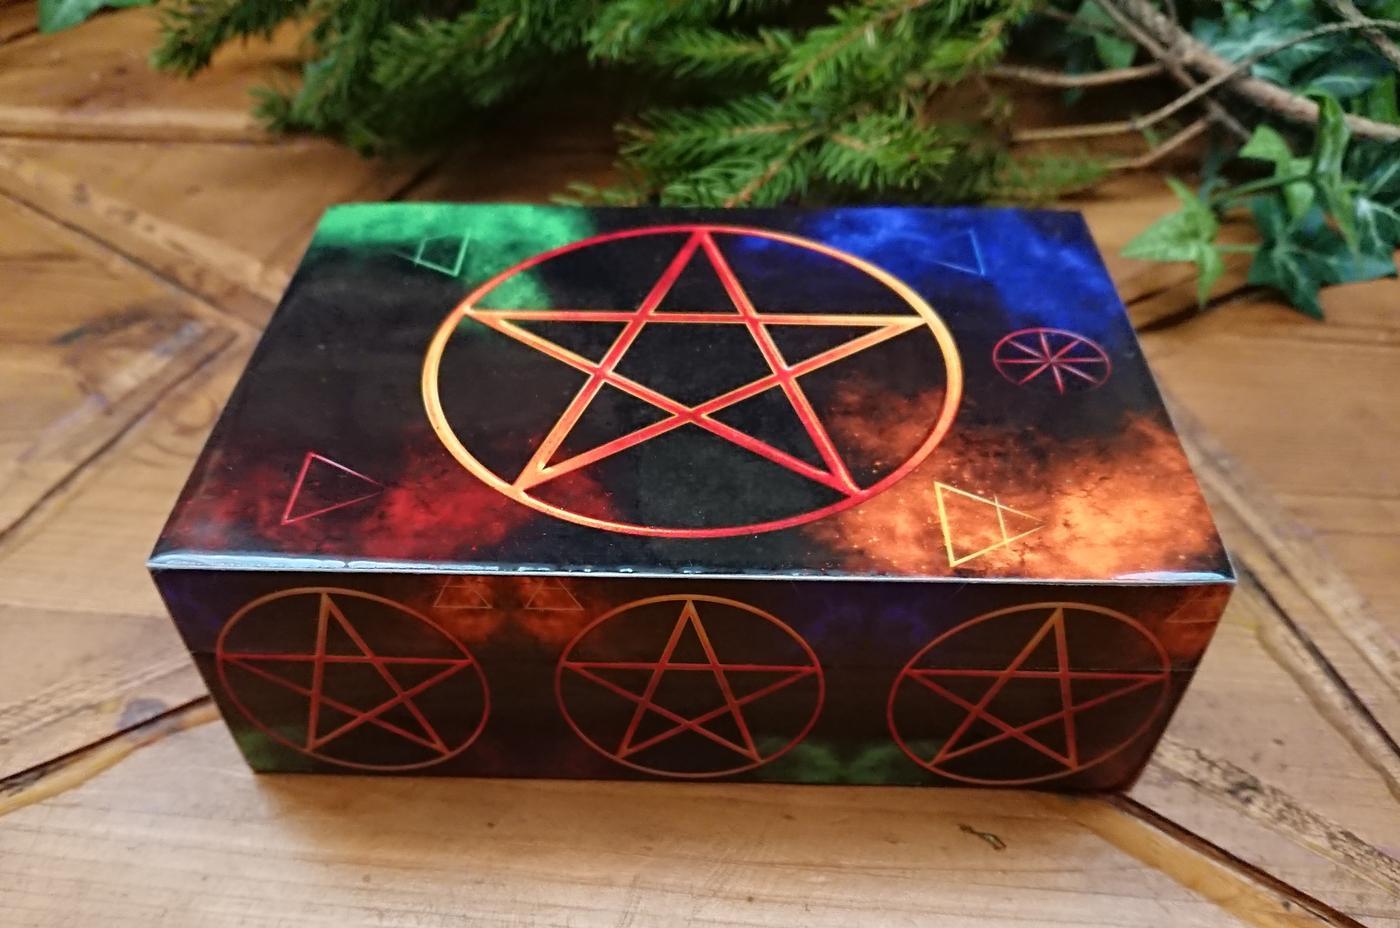 Pentagram laminated box